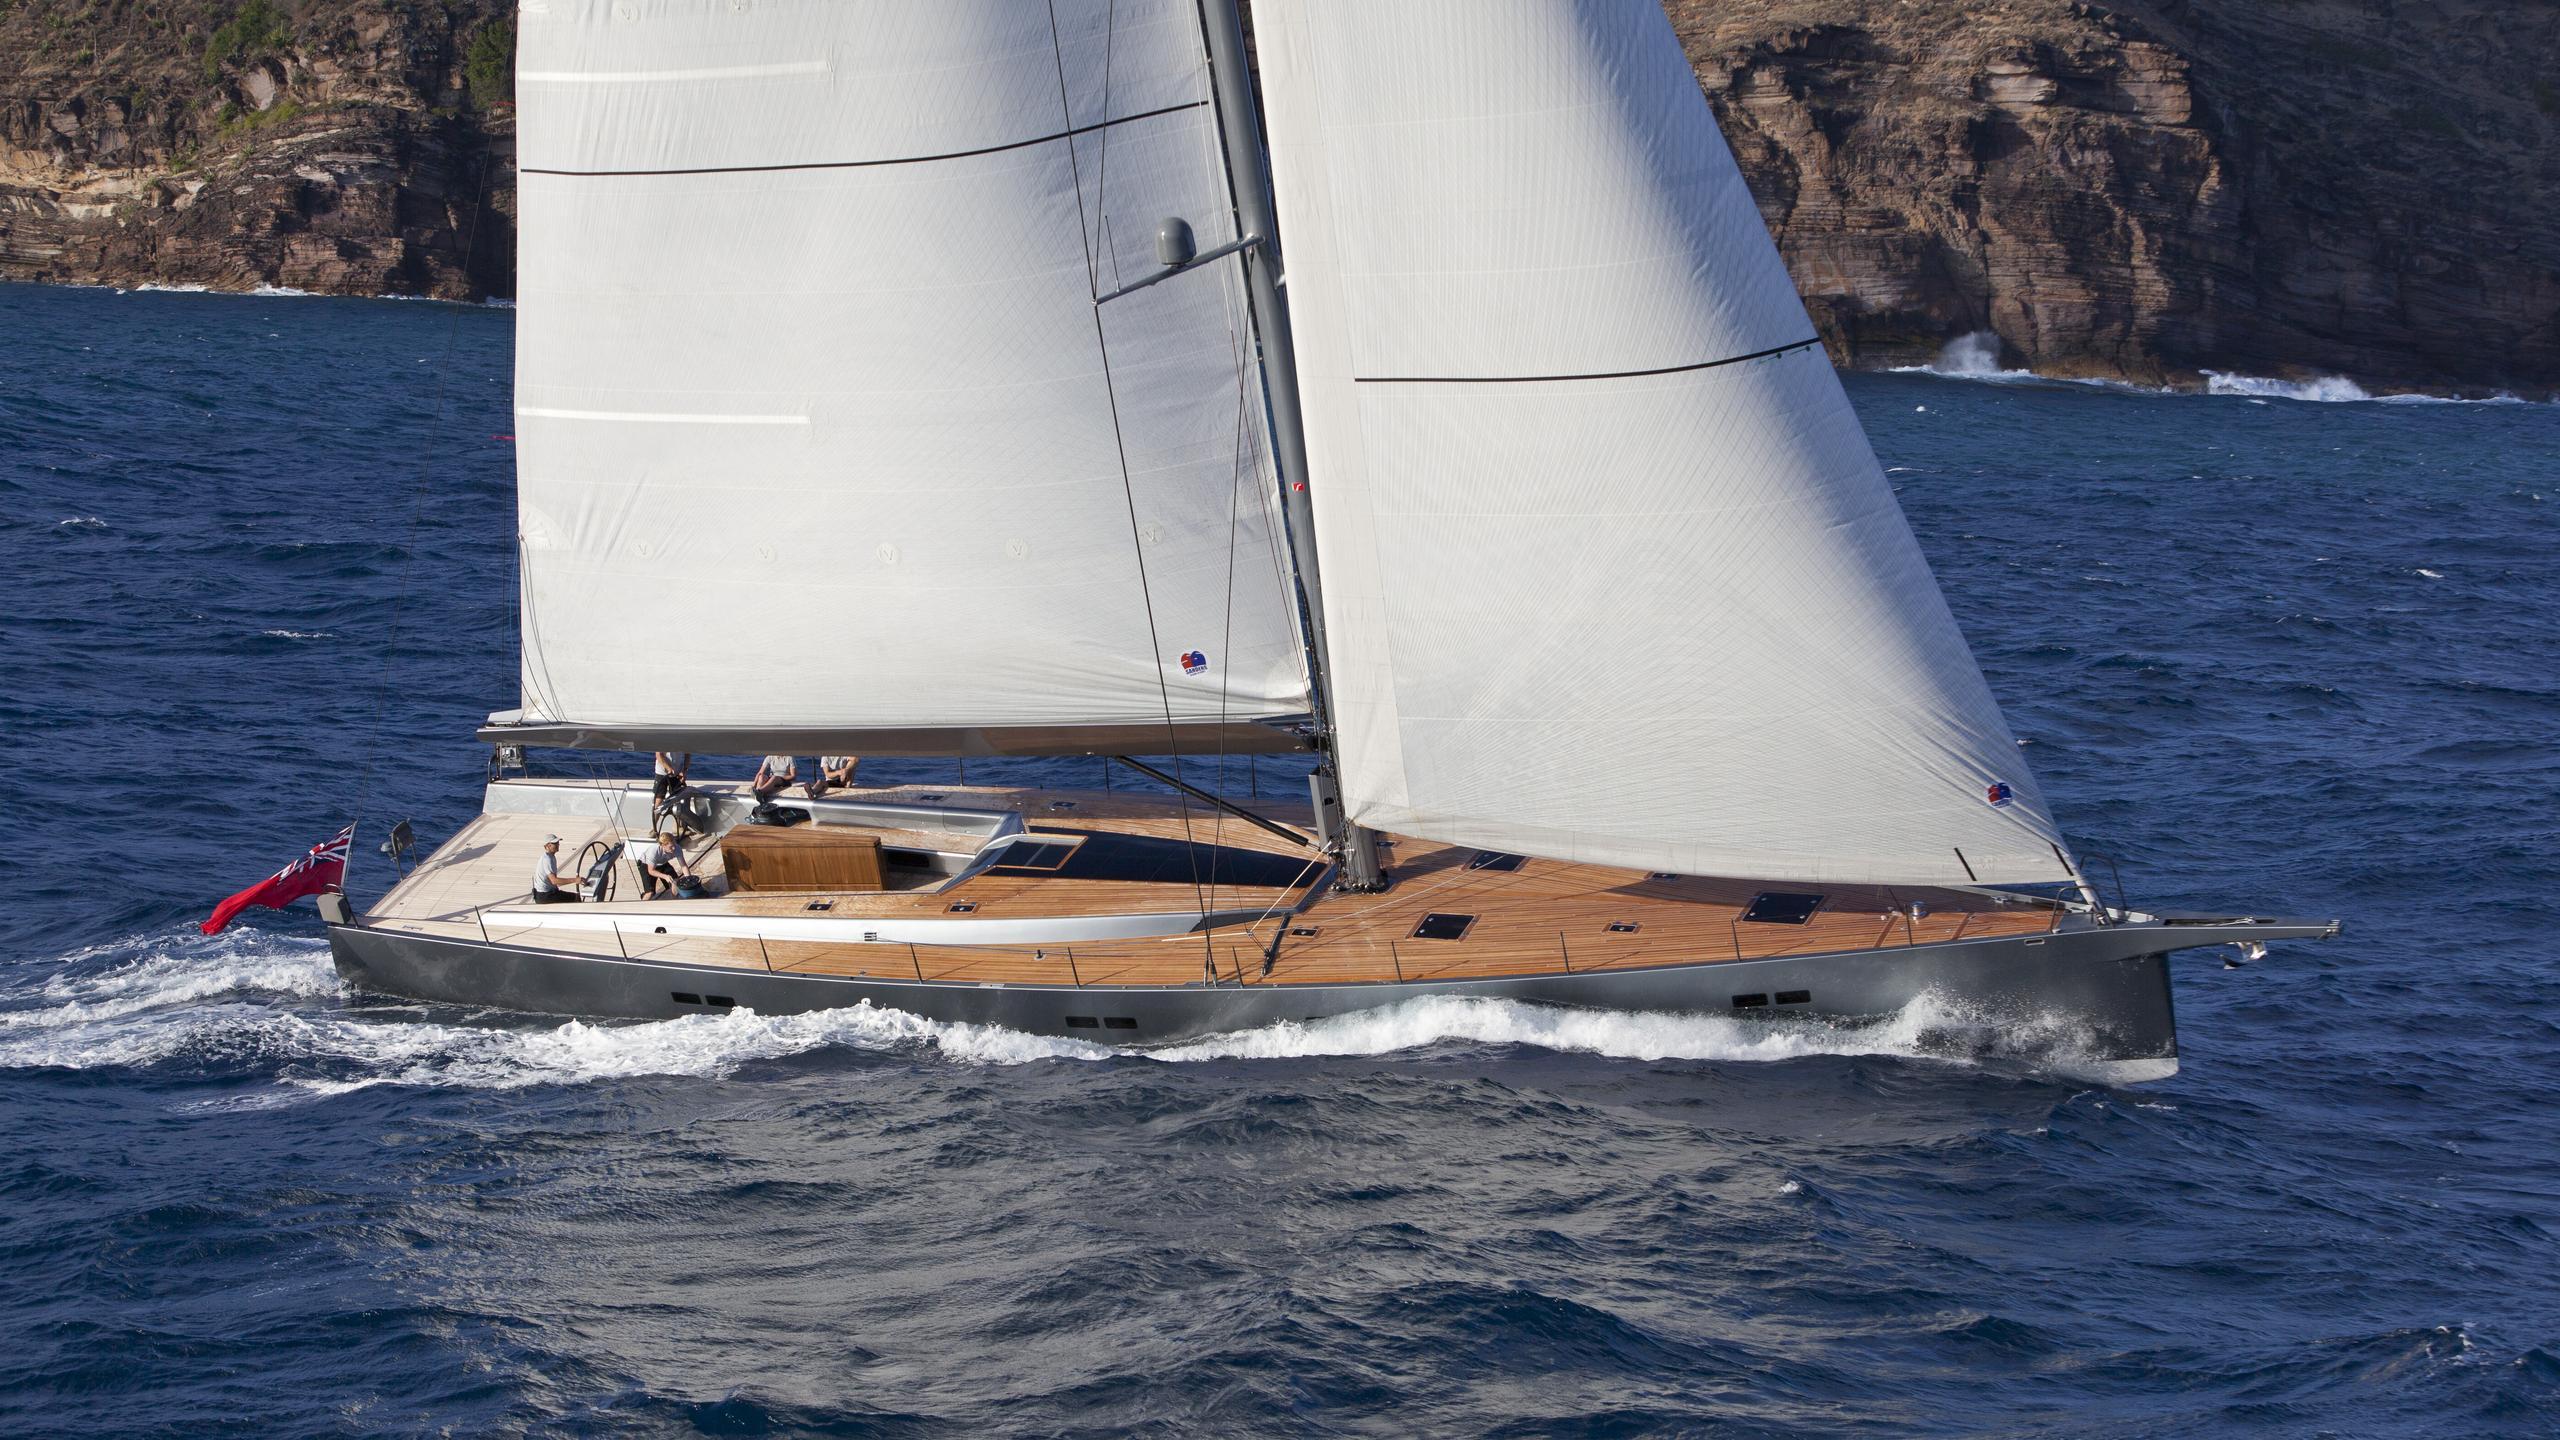 aegir-yacht-profile